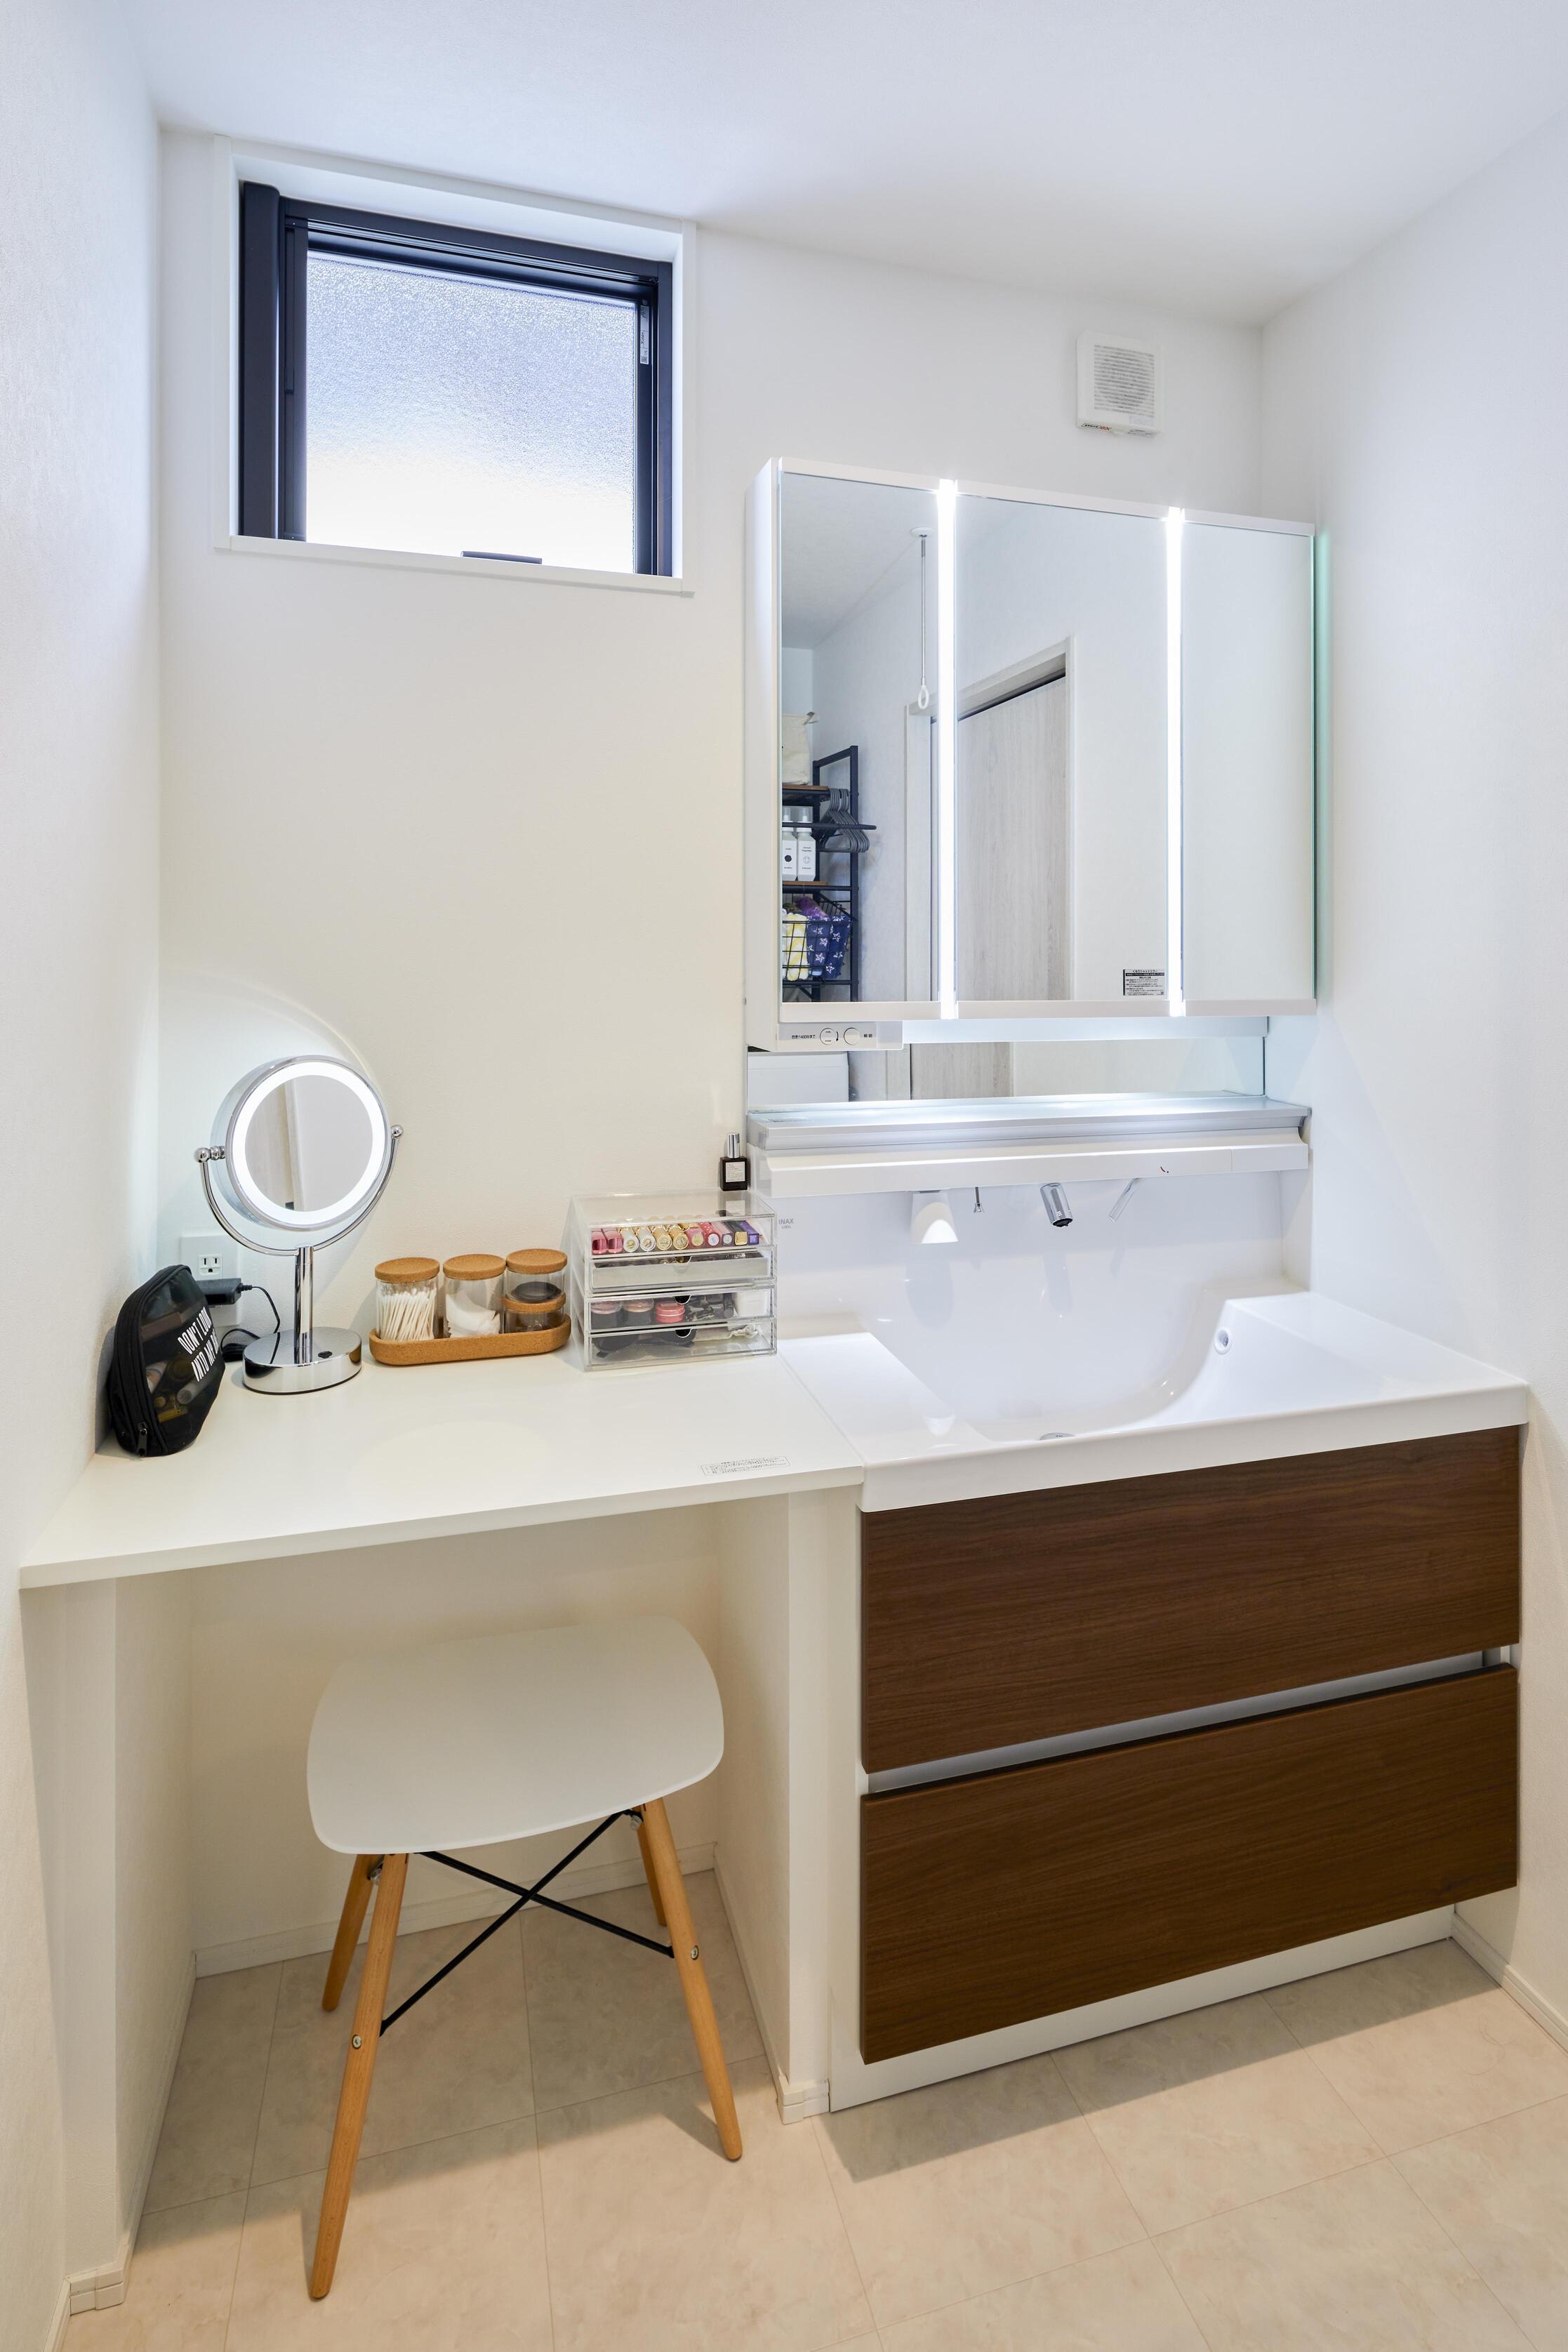 洗面化粧台の横にはカウンターデスクを造作。アイロンをかけたりメイクをしたりと使い方は様々